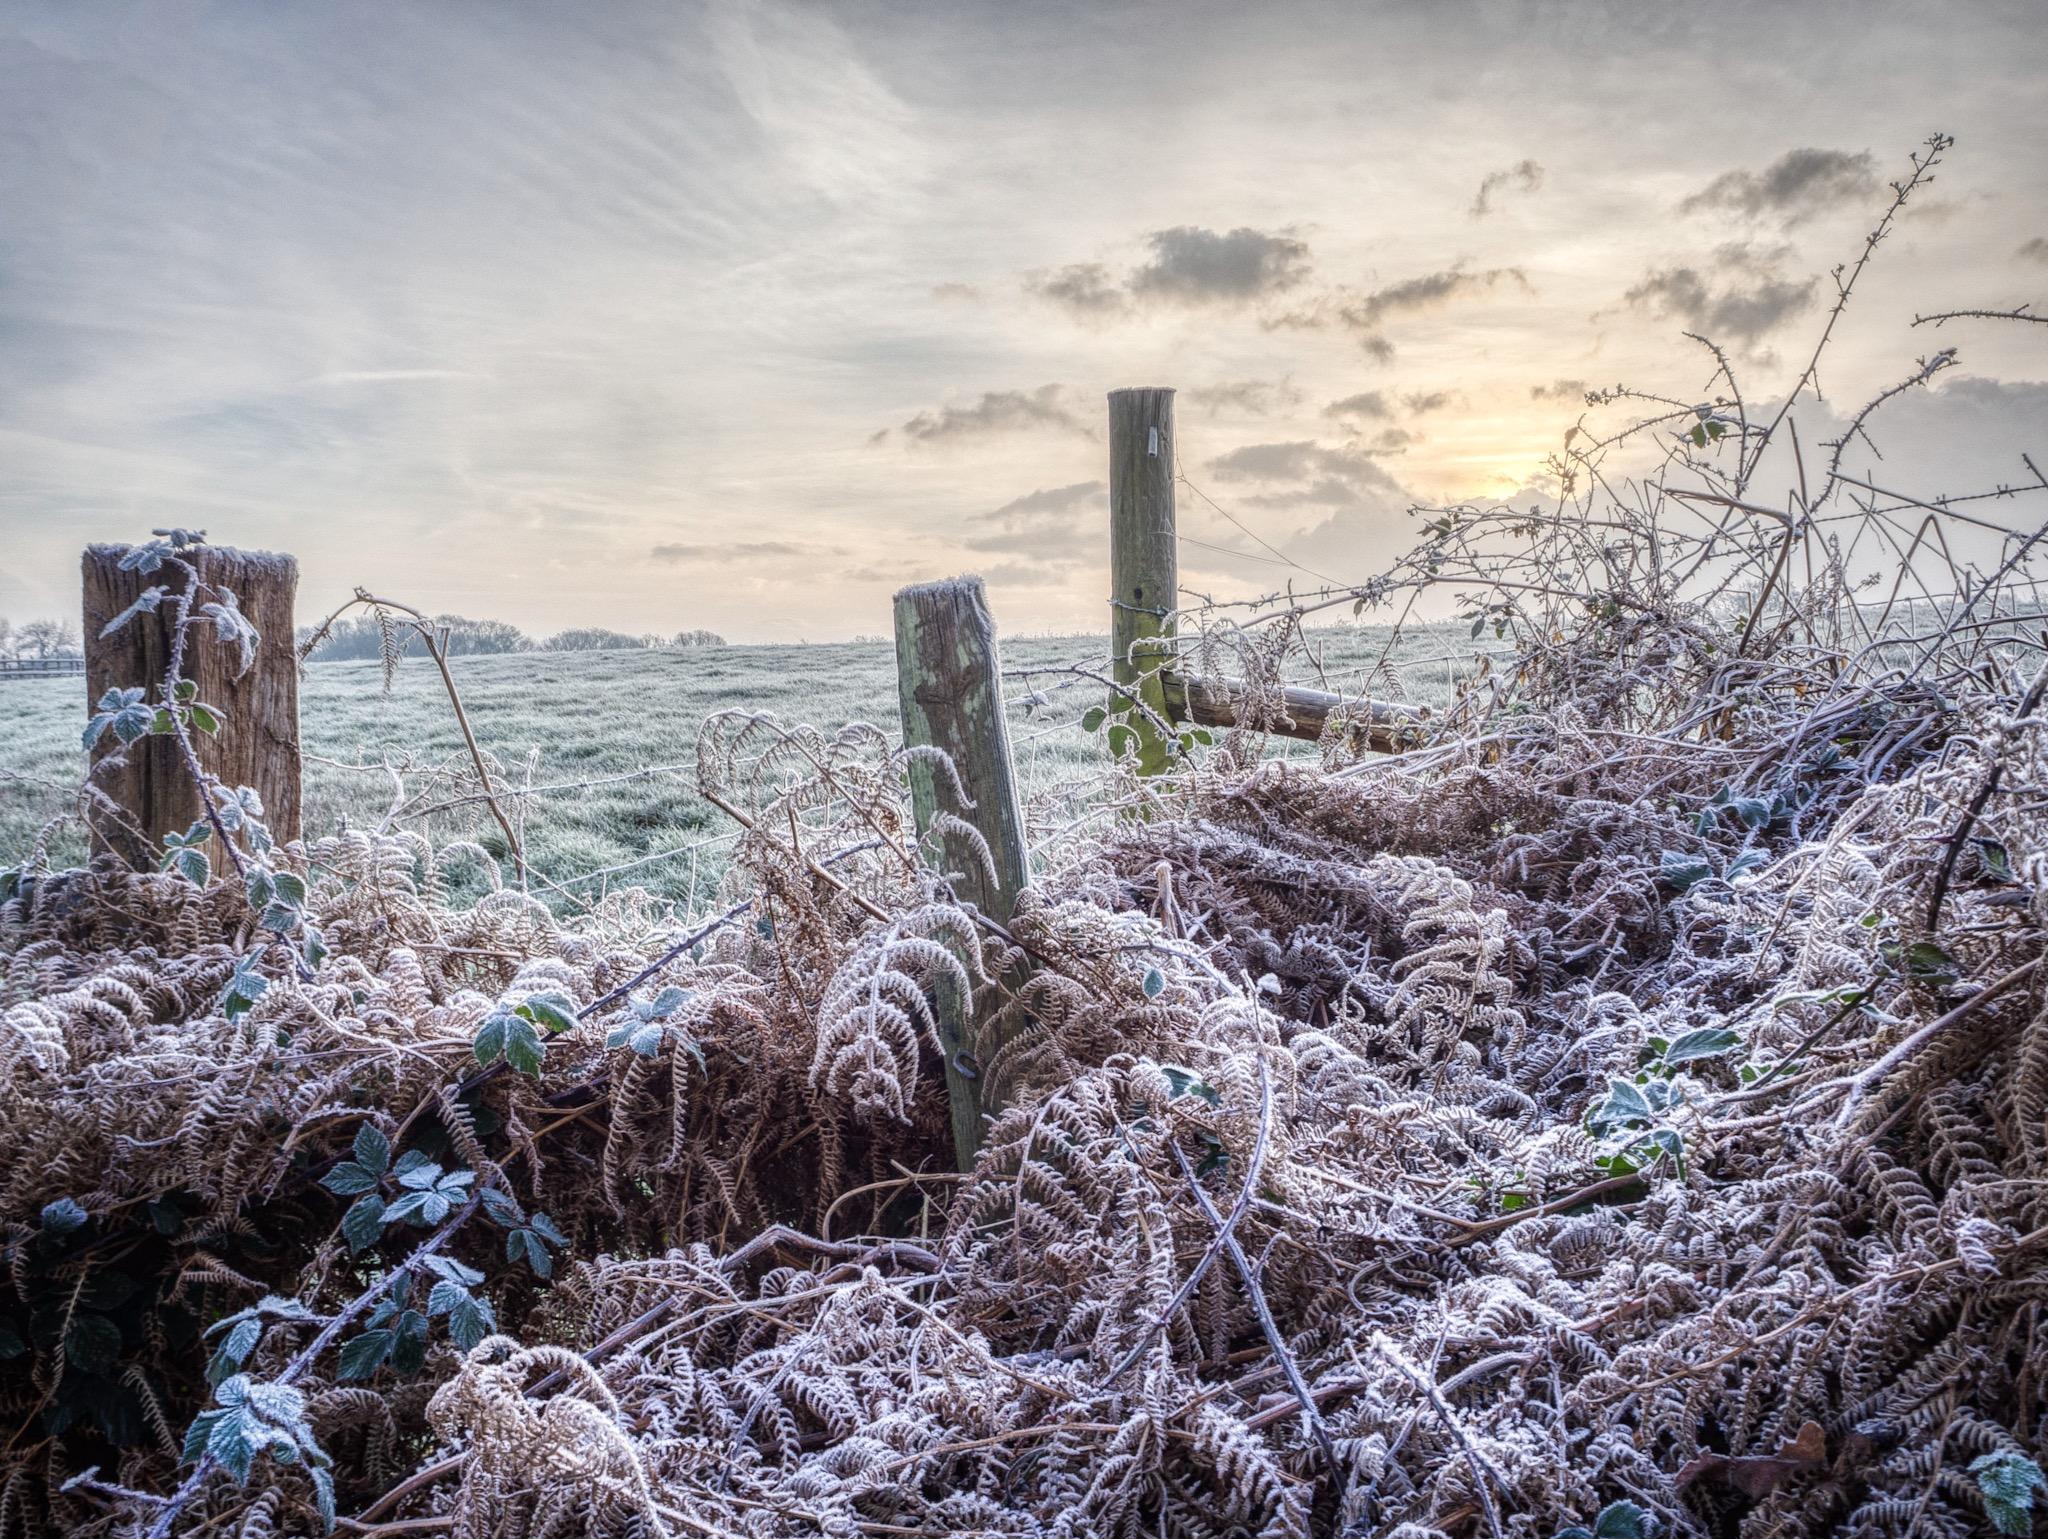 Winter scene in Dorset